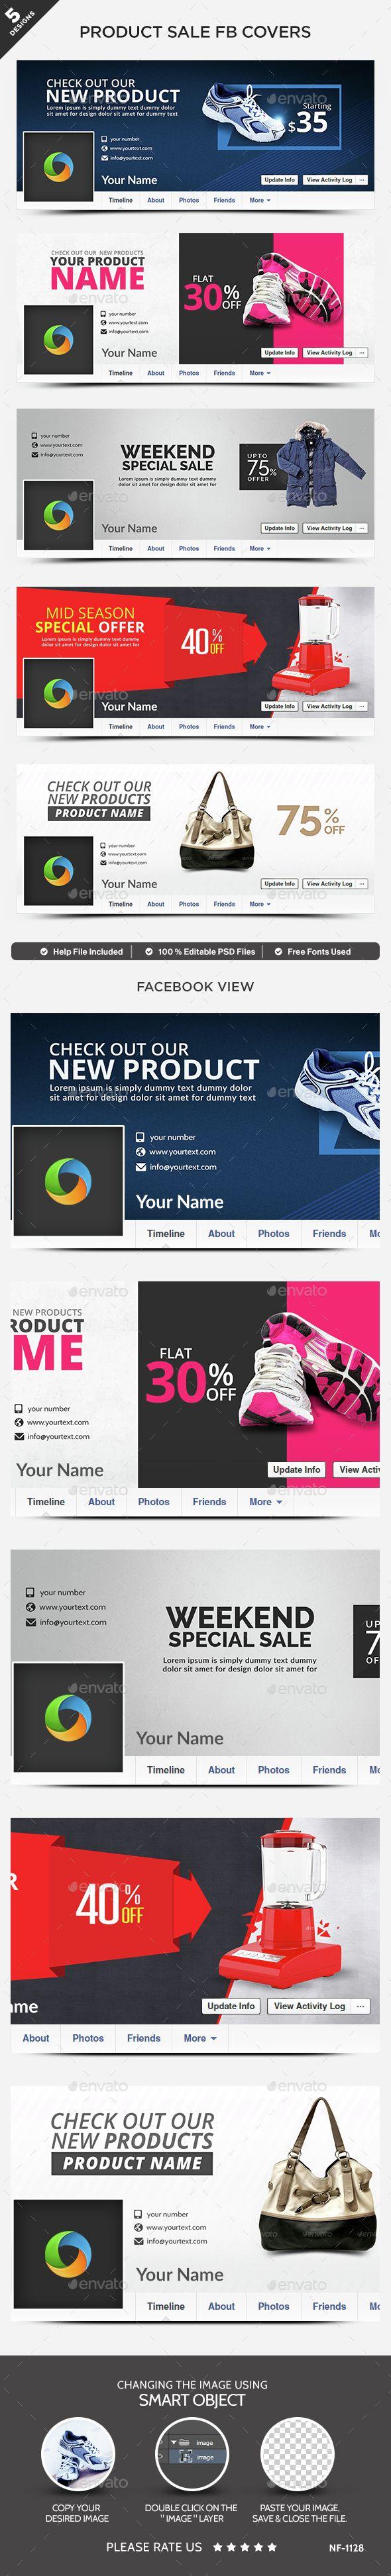 55 best FB I Twitter I LinkedIn Cover images on Pinterest | Social ...